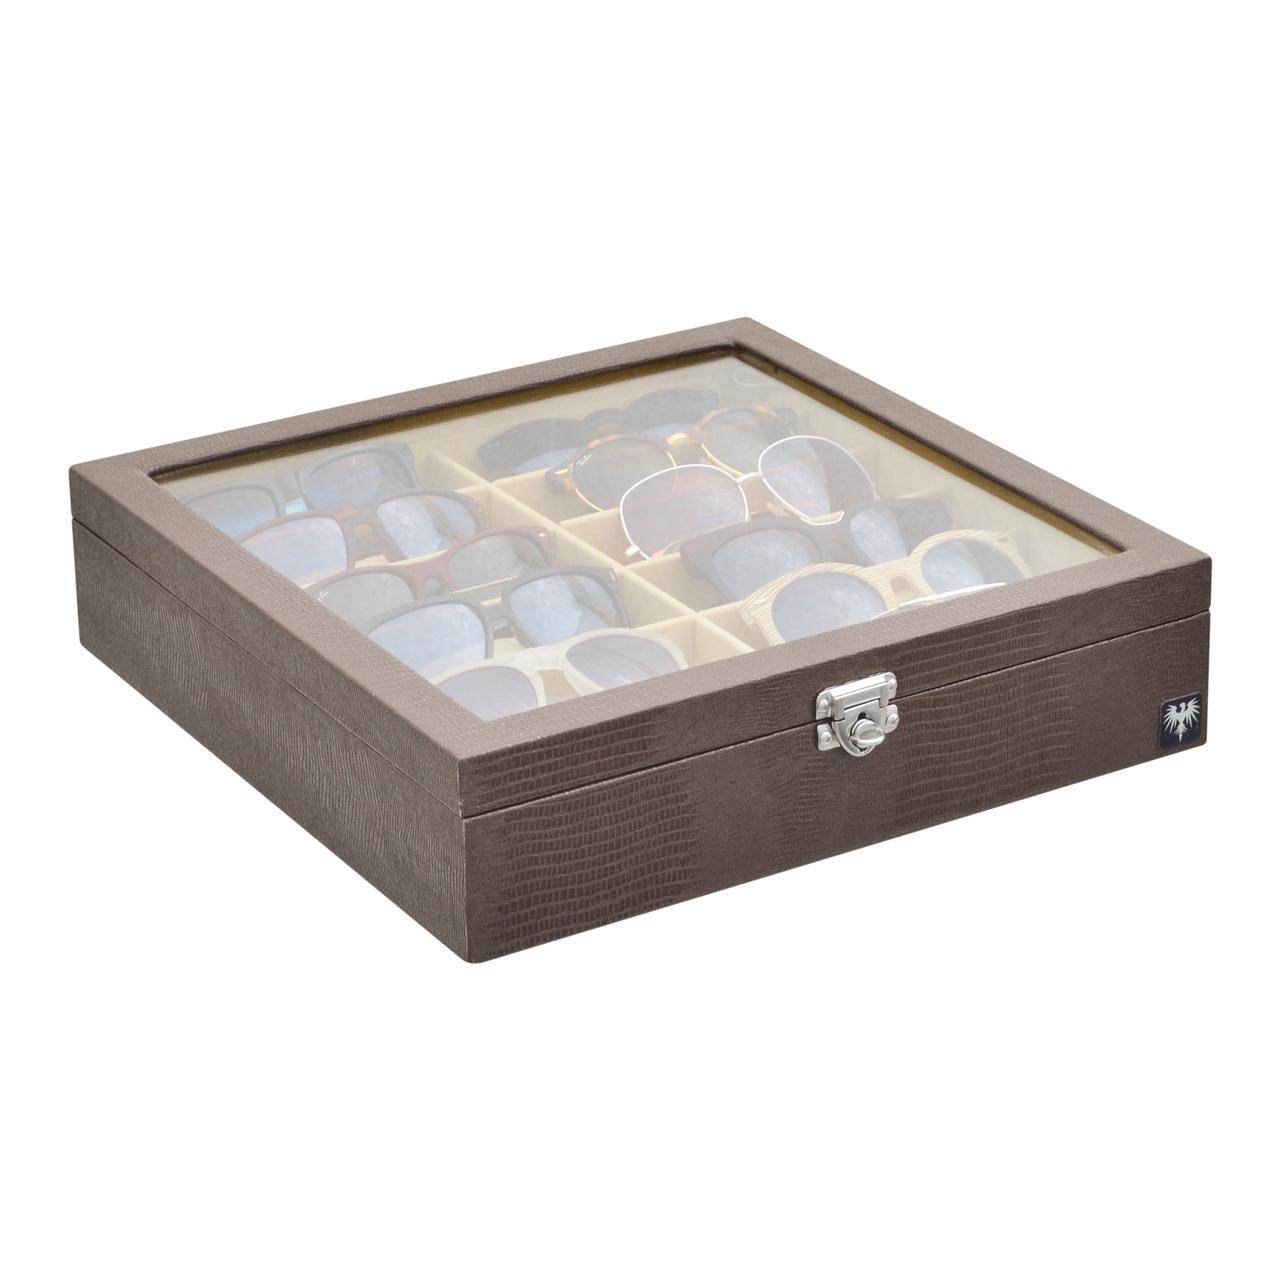 estojo-couro-ecologico-12-oculos-marrom-bege-porta-caixa-imagem-5.JPG